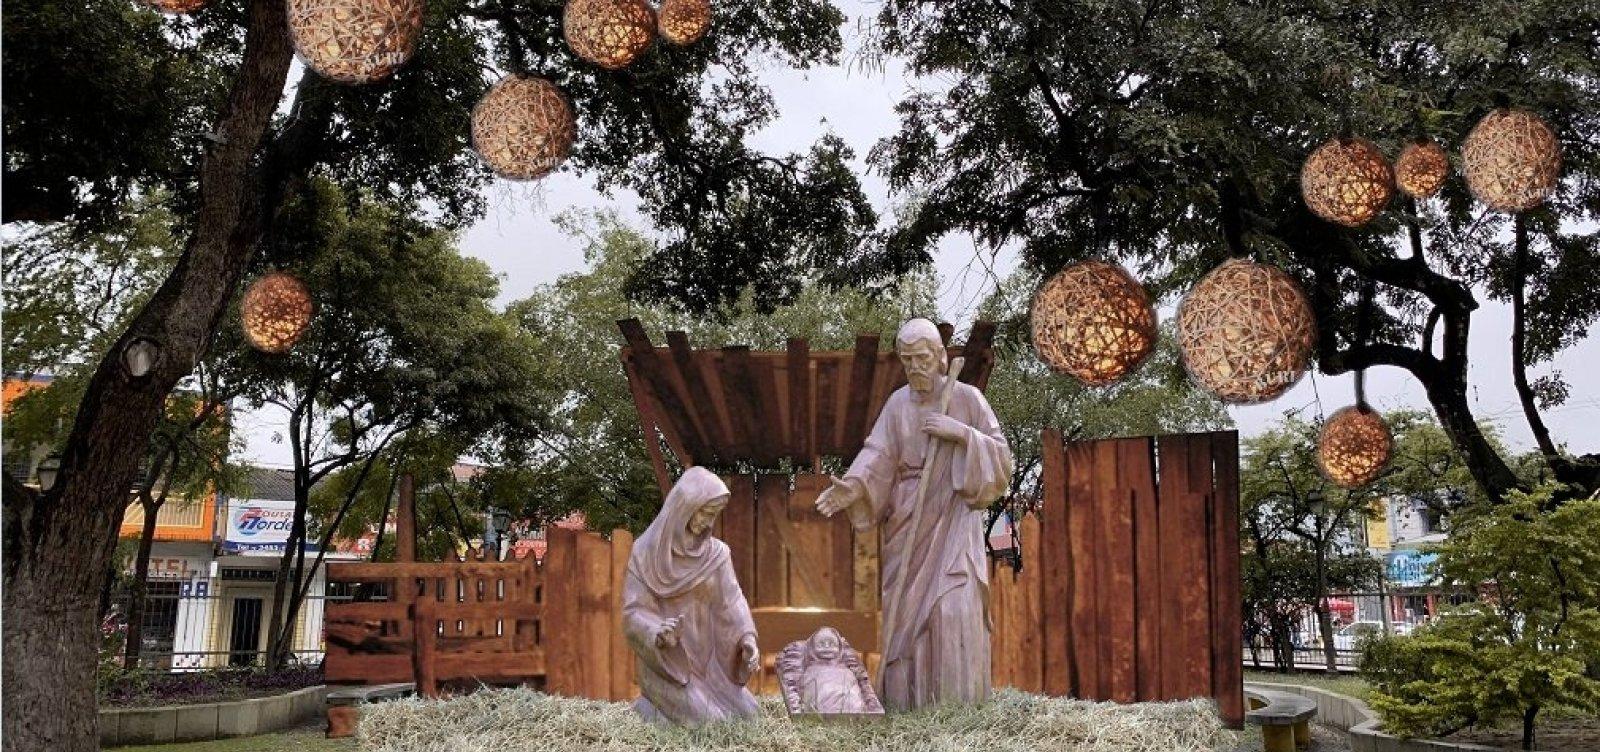 Feira de Santana: Prefeitura deve gastar mais de R$ 1mi em decoração natalina